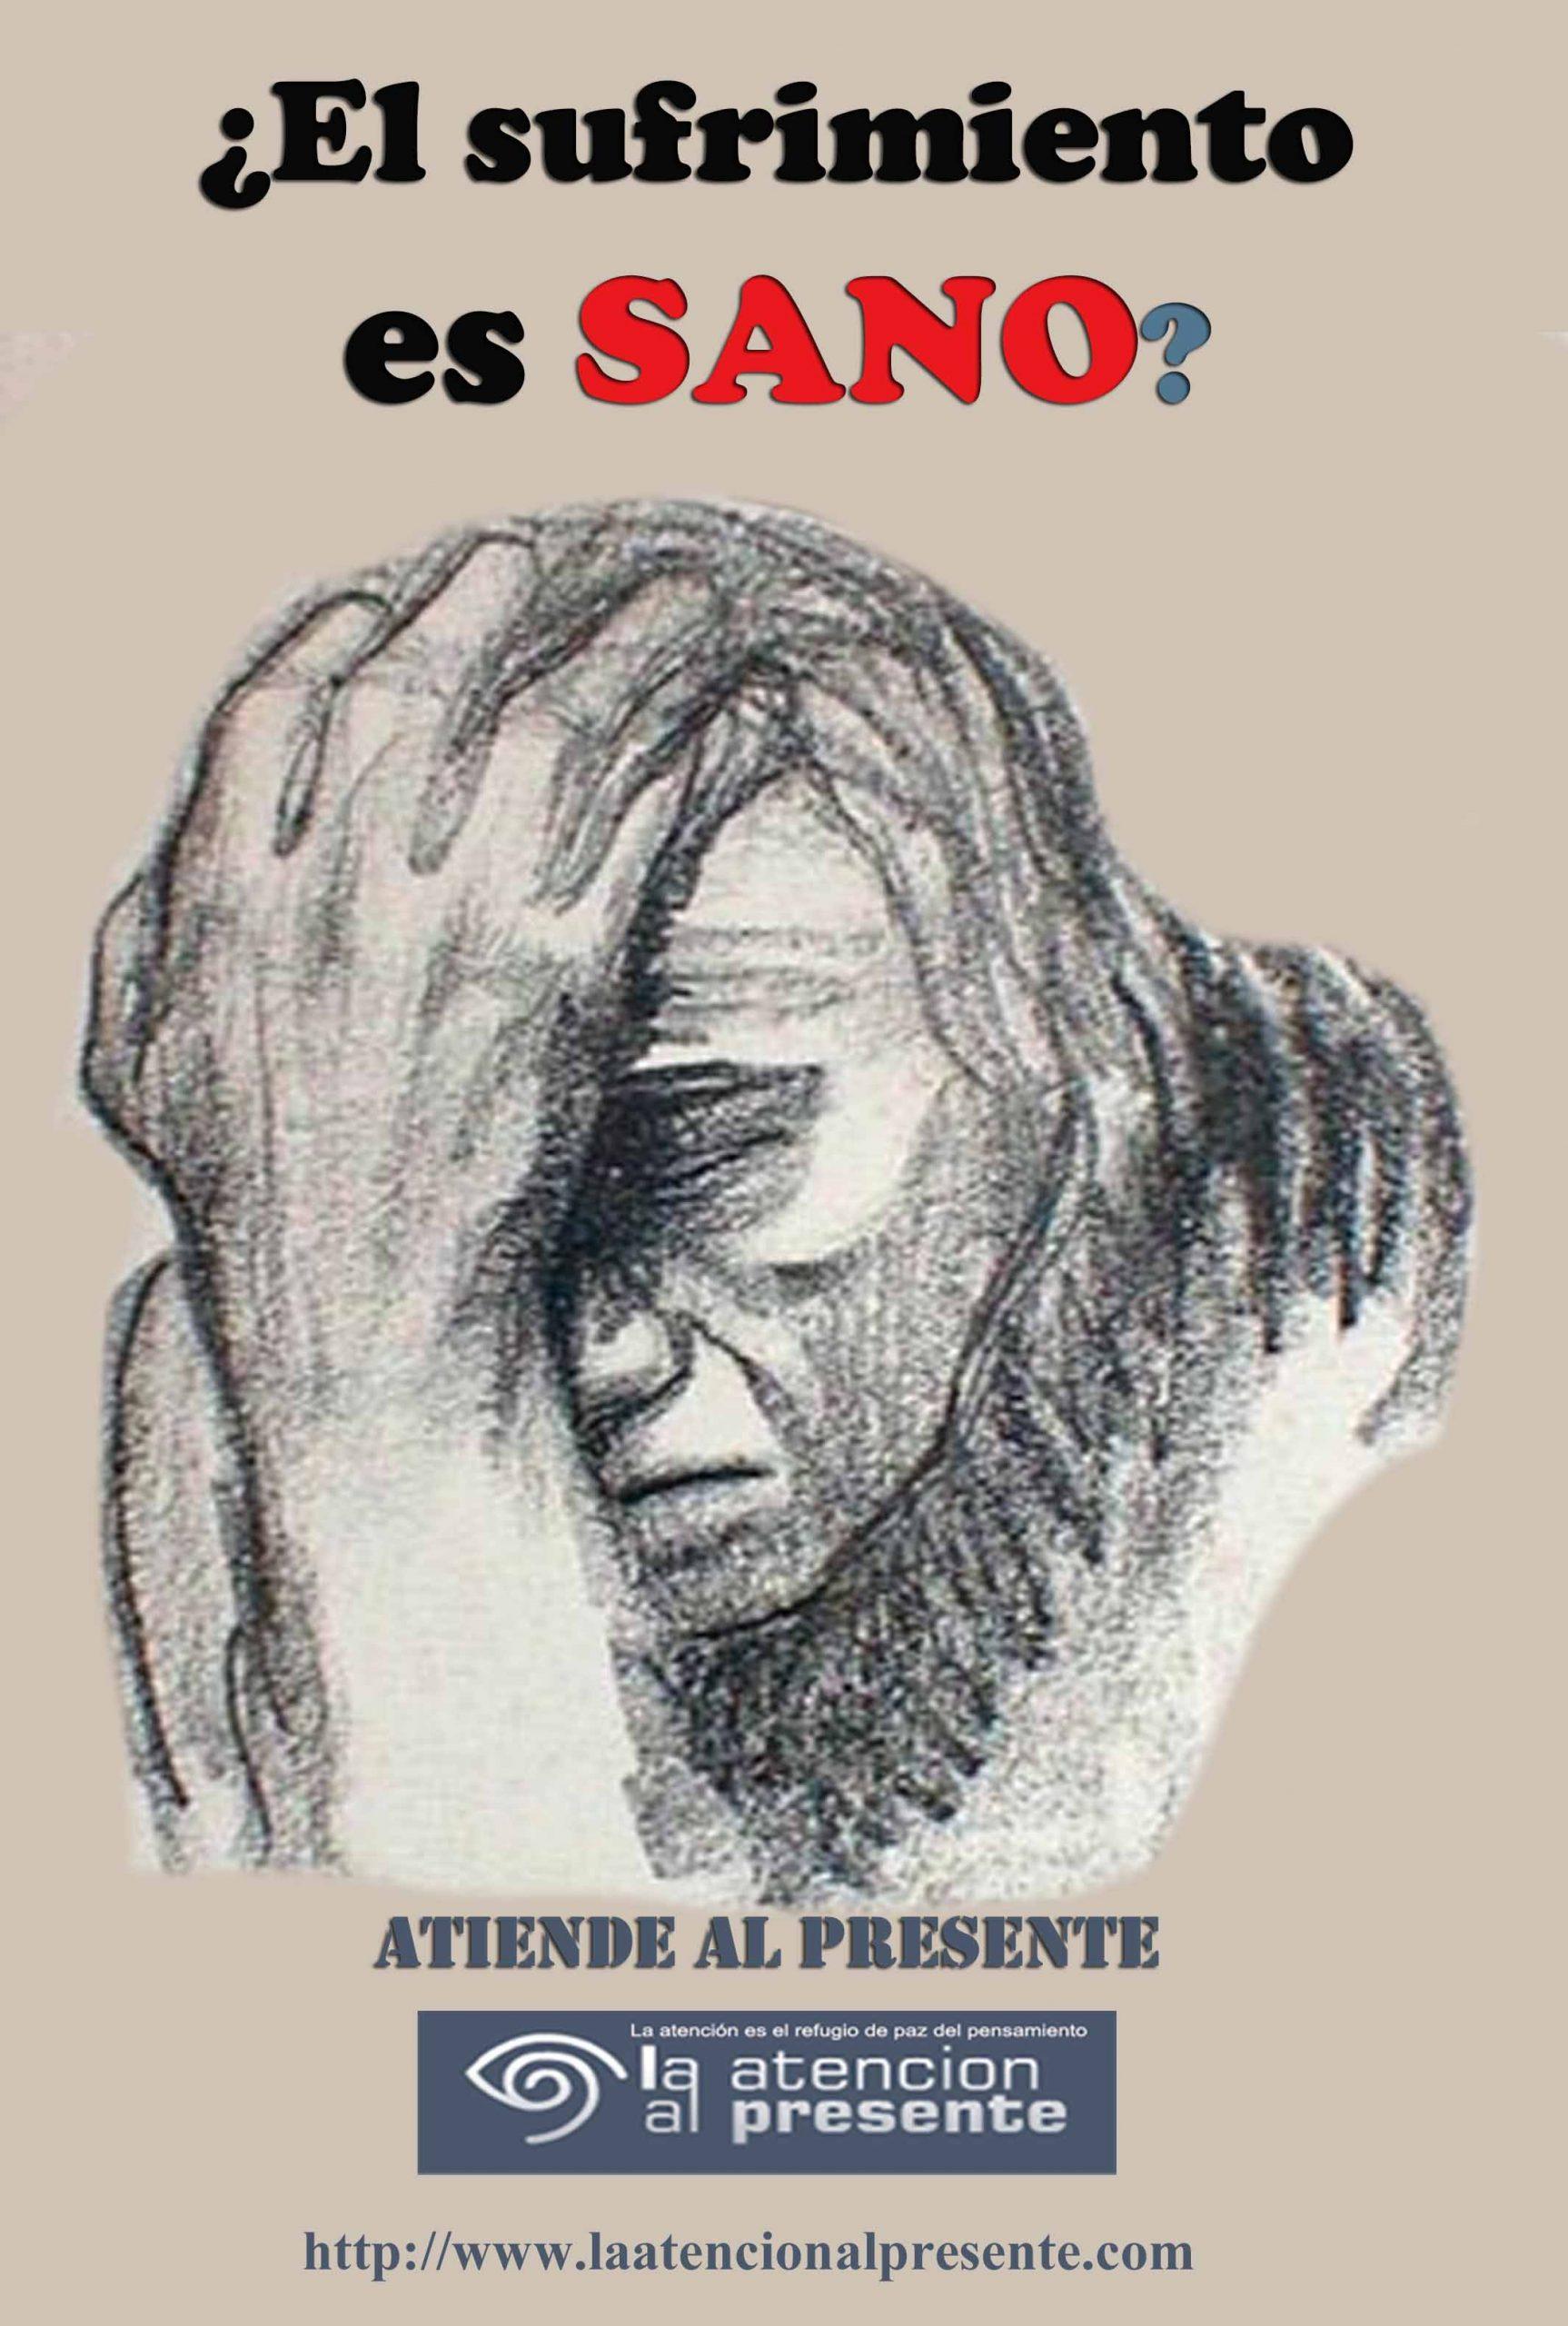 7 de Enero ISA El sufrimiento es SANO min scaled